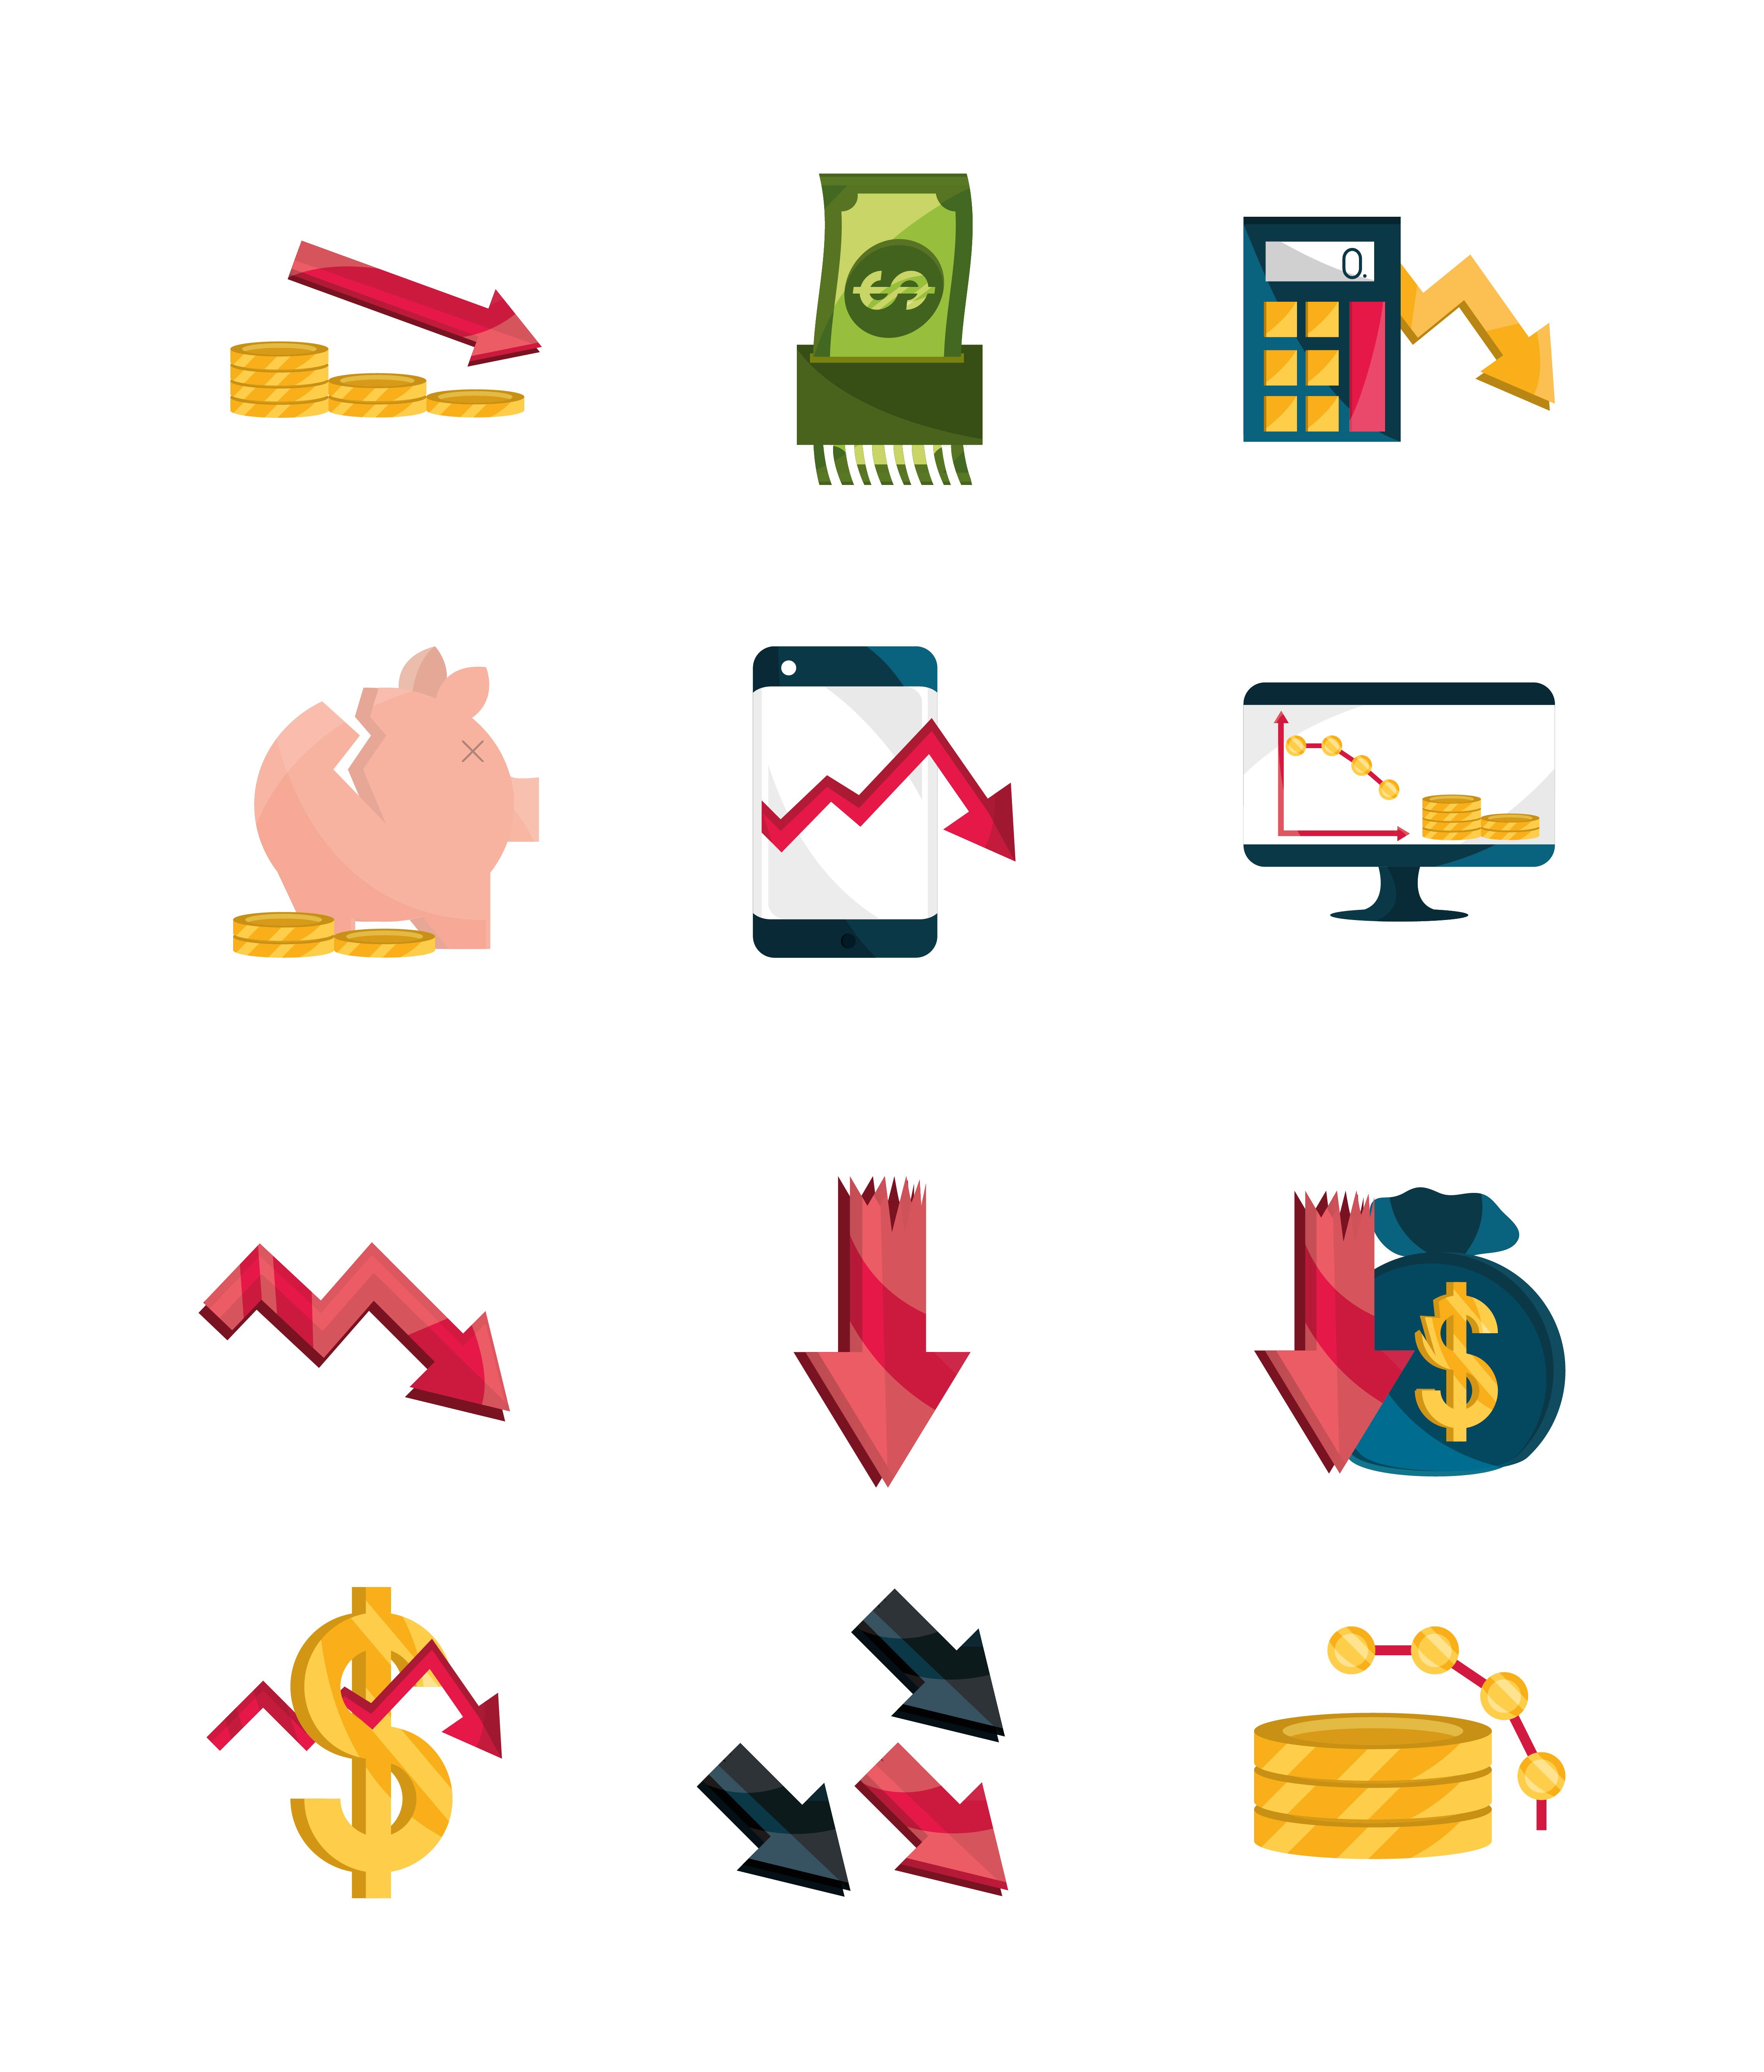 conjunto de iconos de crisis financiera